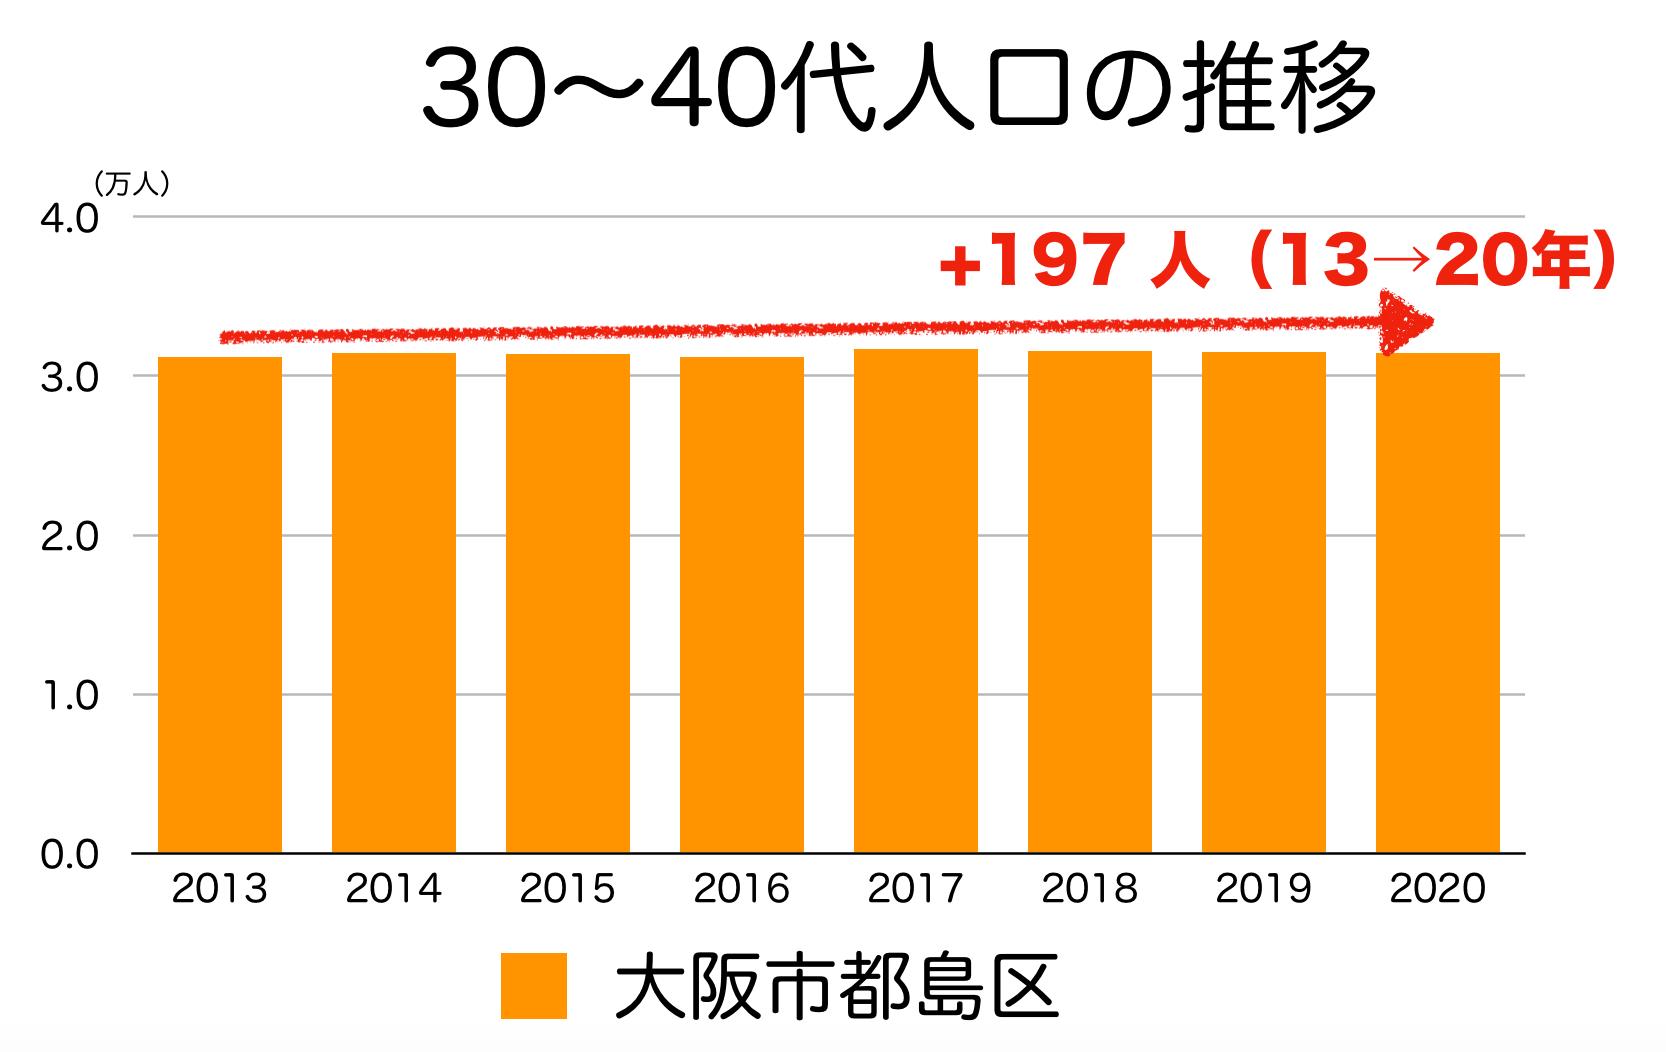 大阪市都島区の30〜40代人口の推移